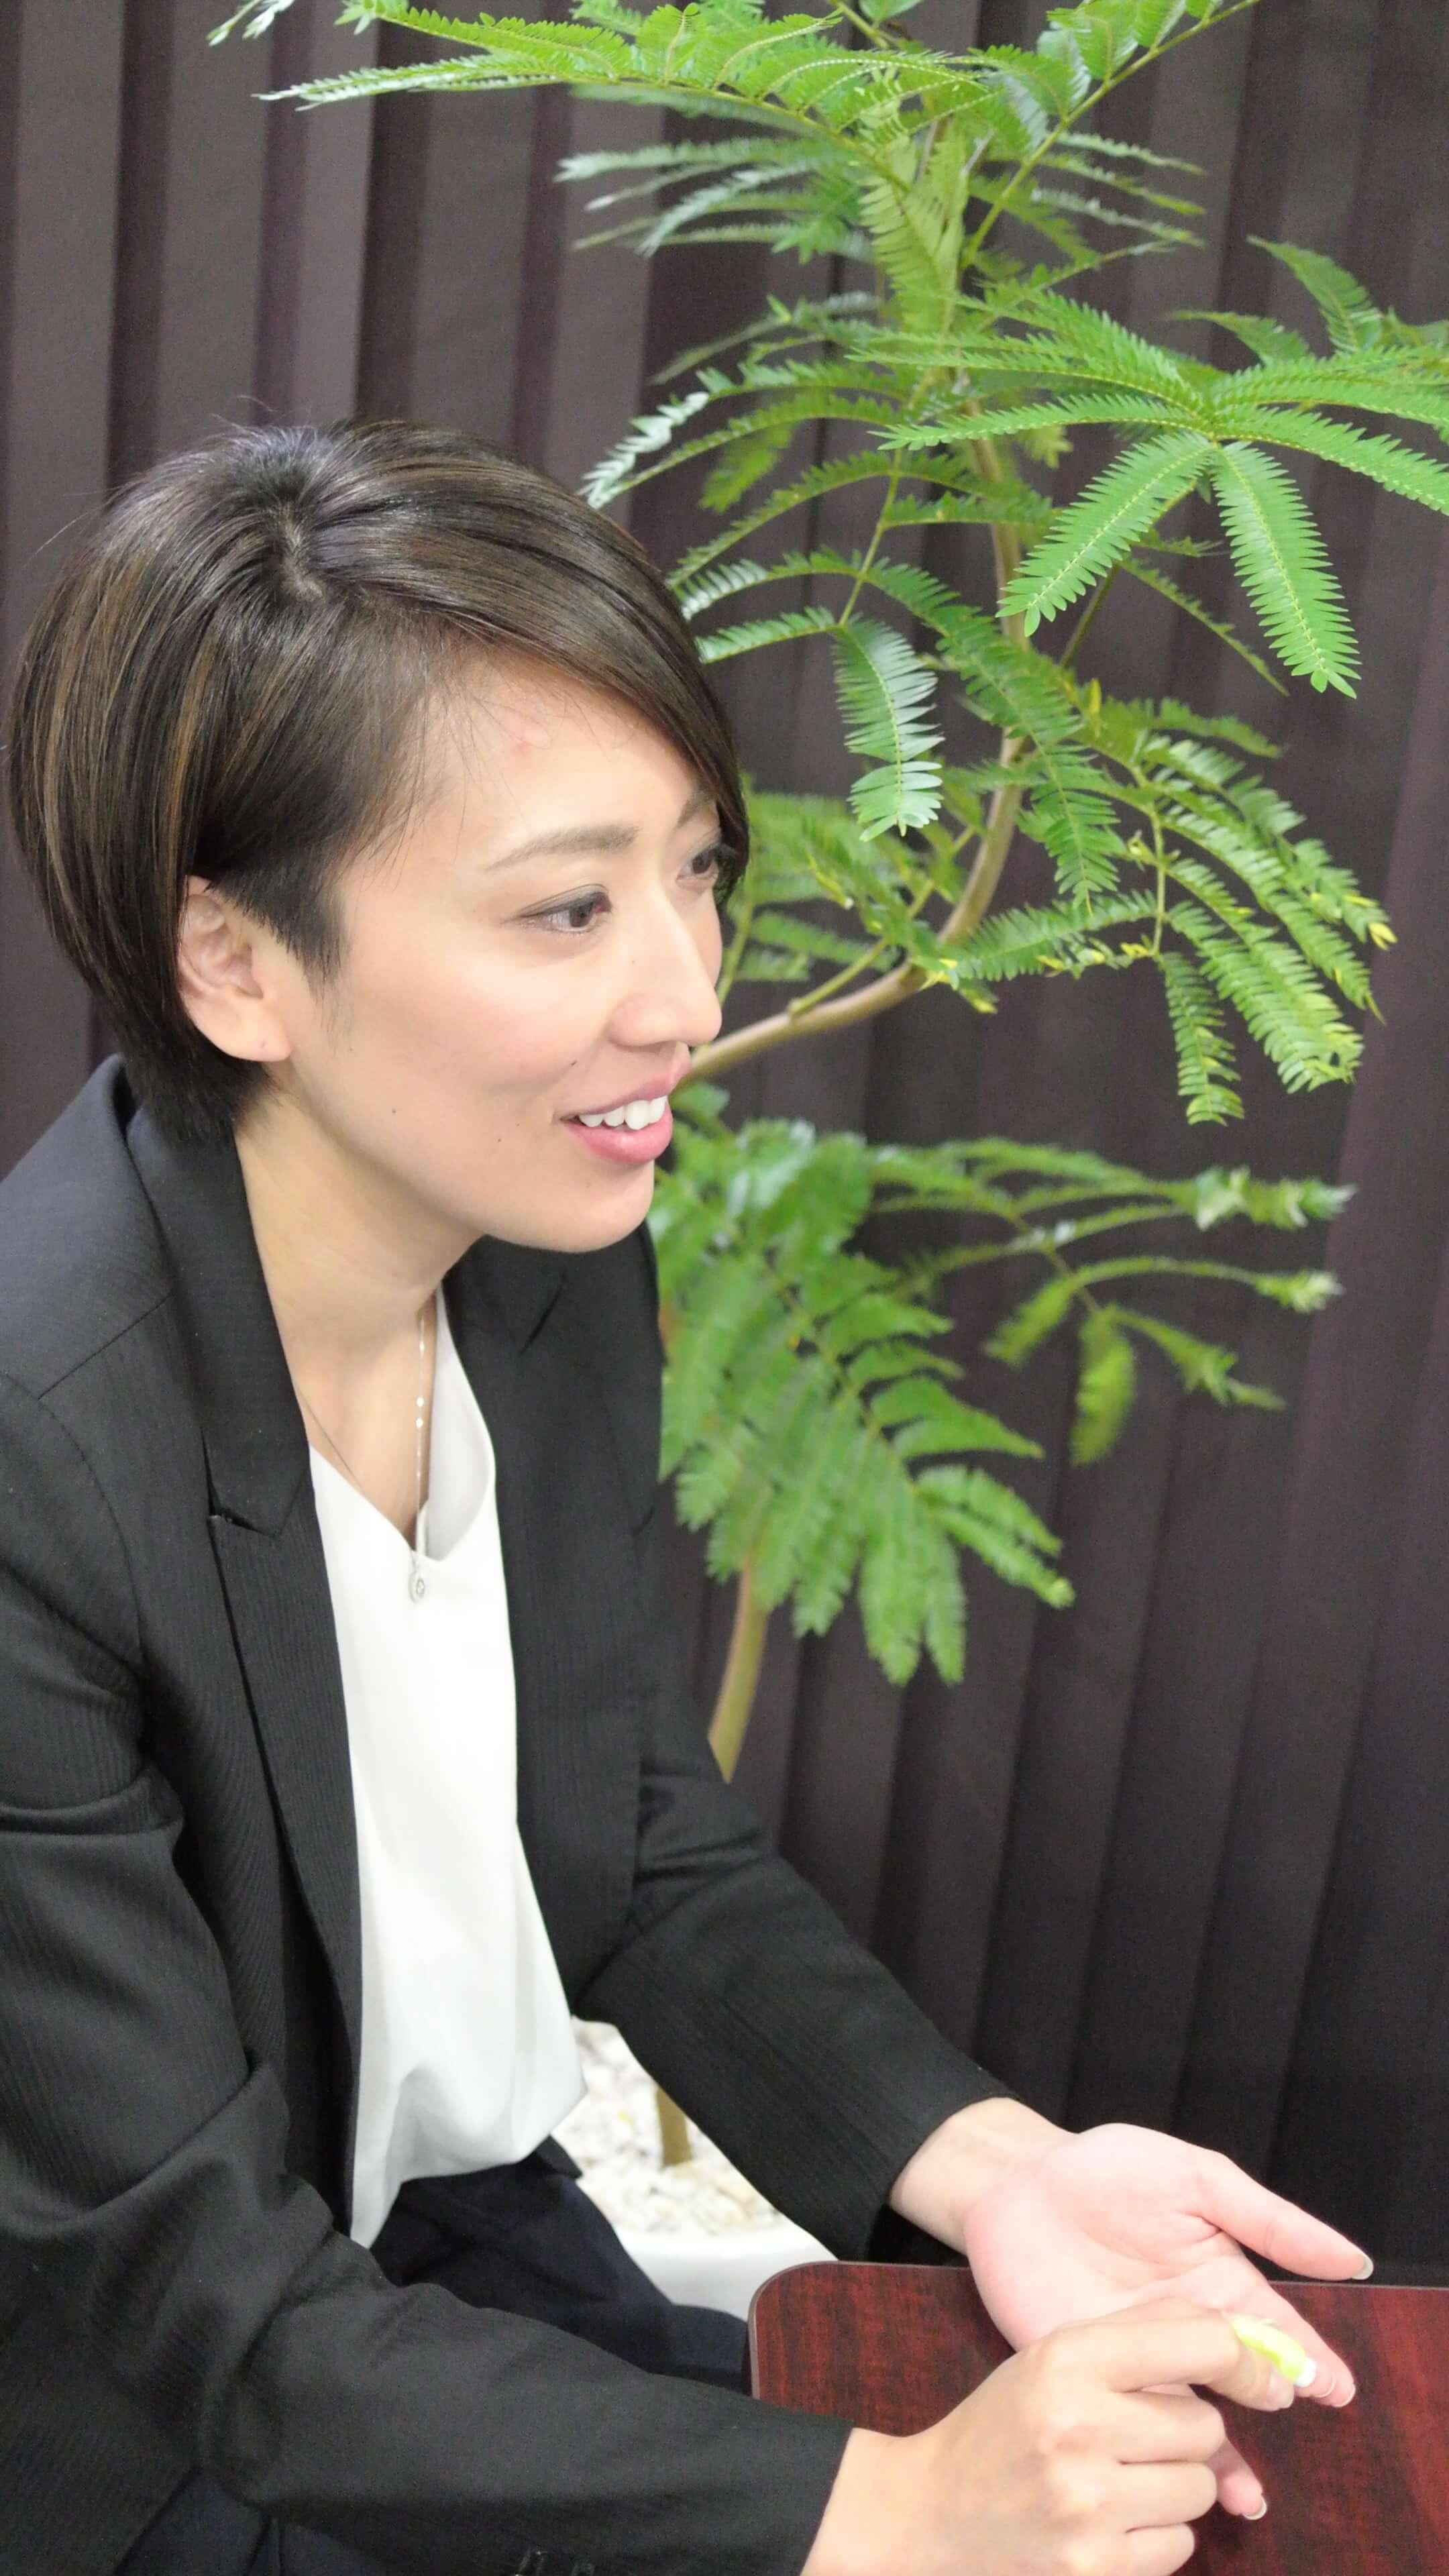 株式会社ライトニックス 取締役新規事業担当 福田萠